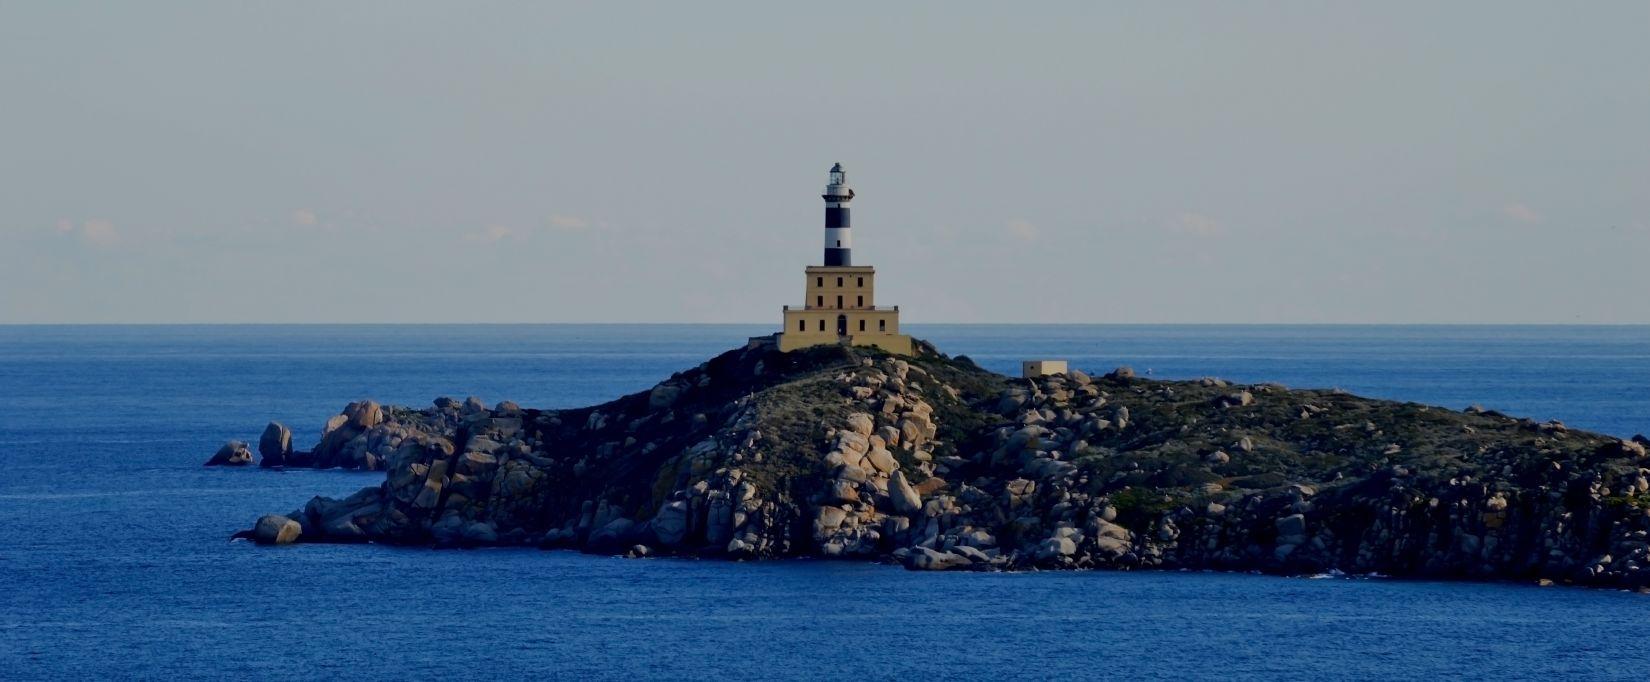 Villasimius-Sardegna-Ita-05